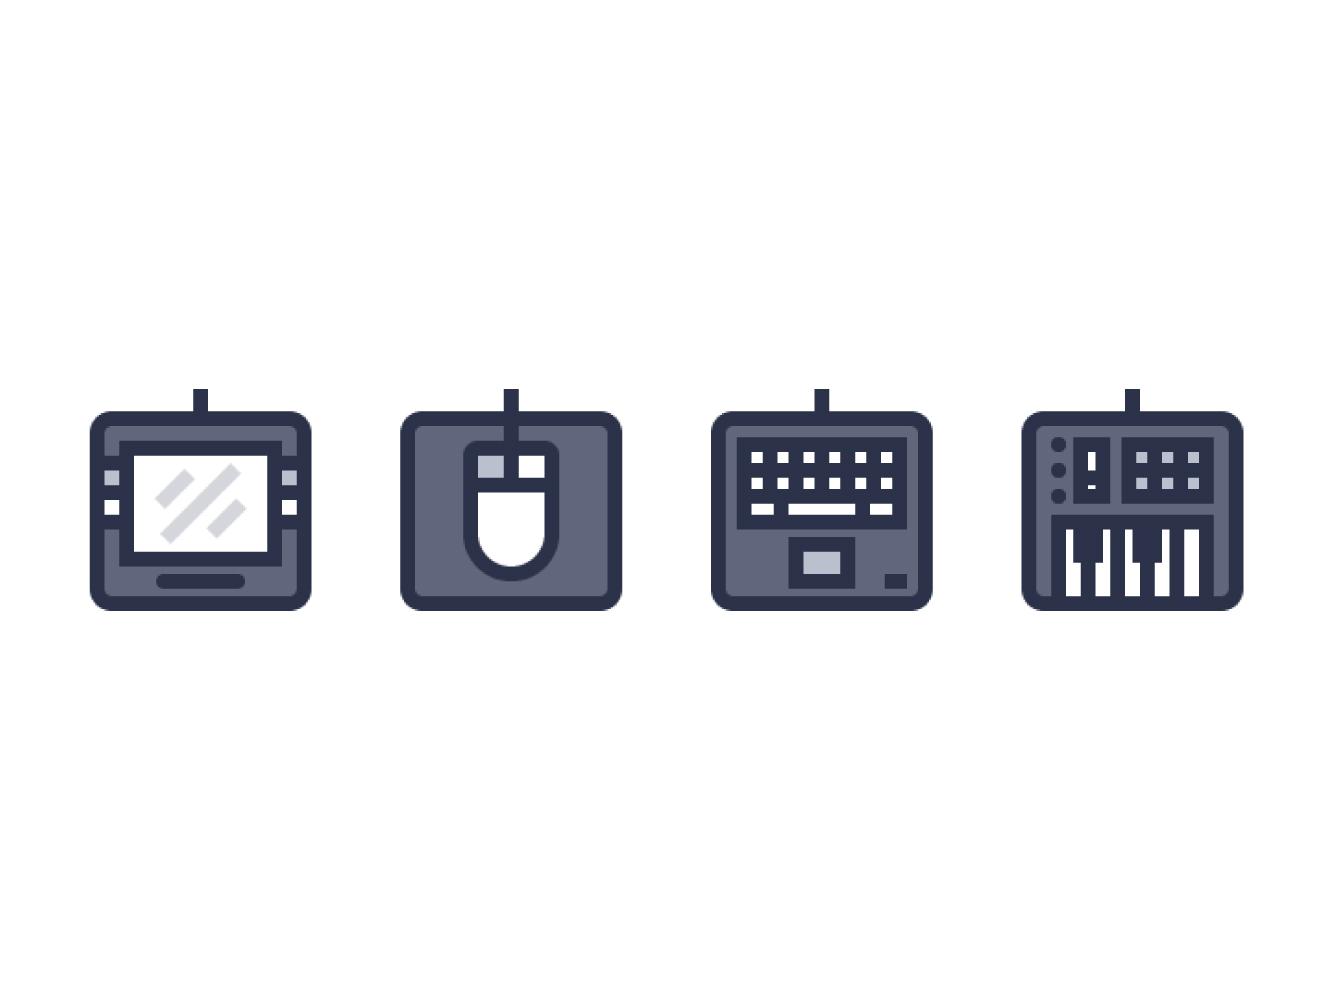 如何在Adobe Illustrator中创建计算机外接设备图标